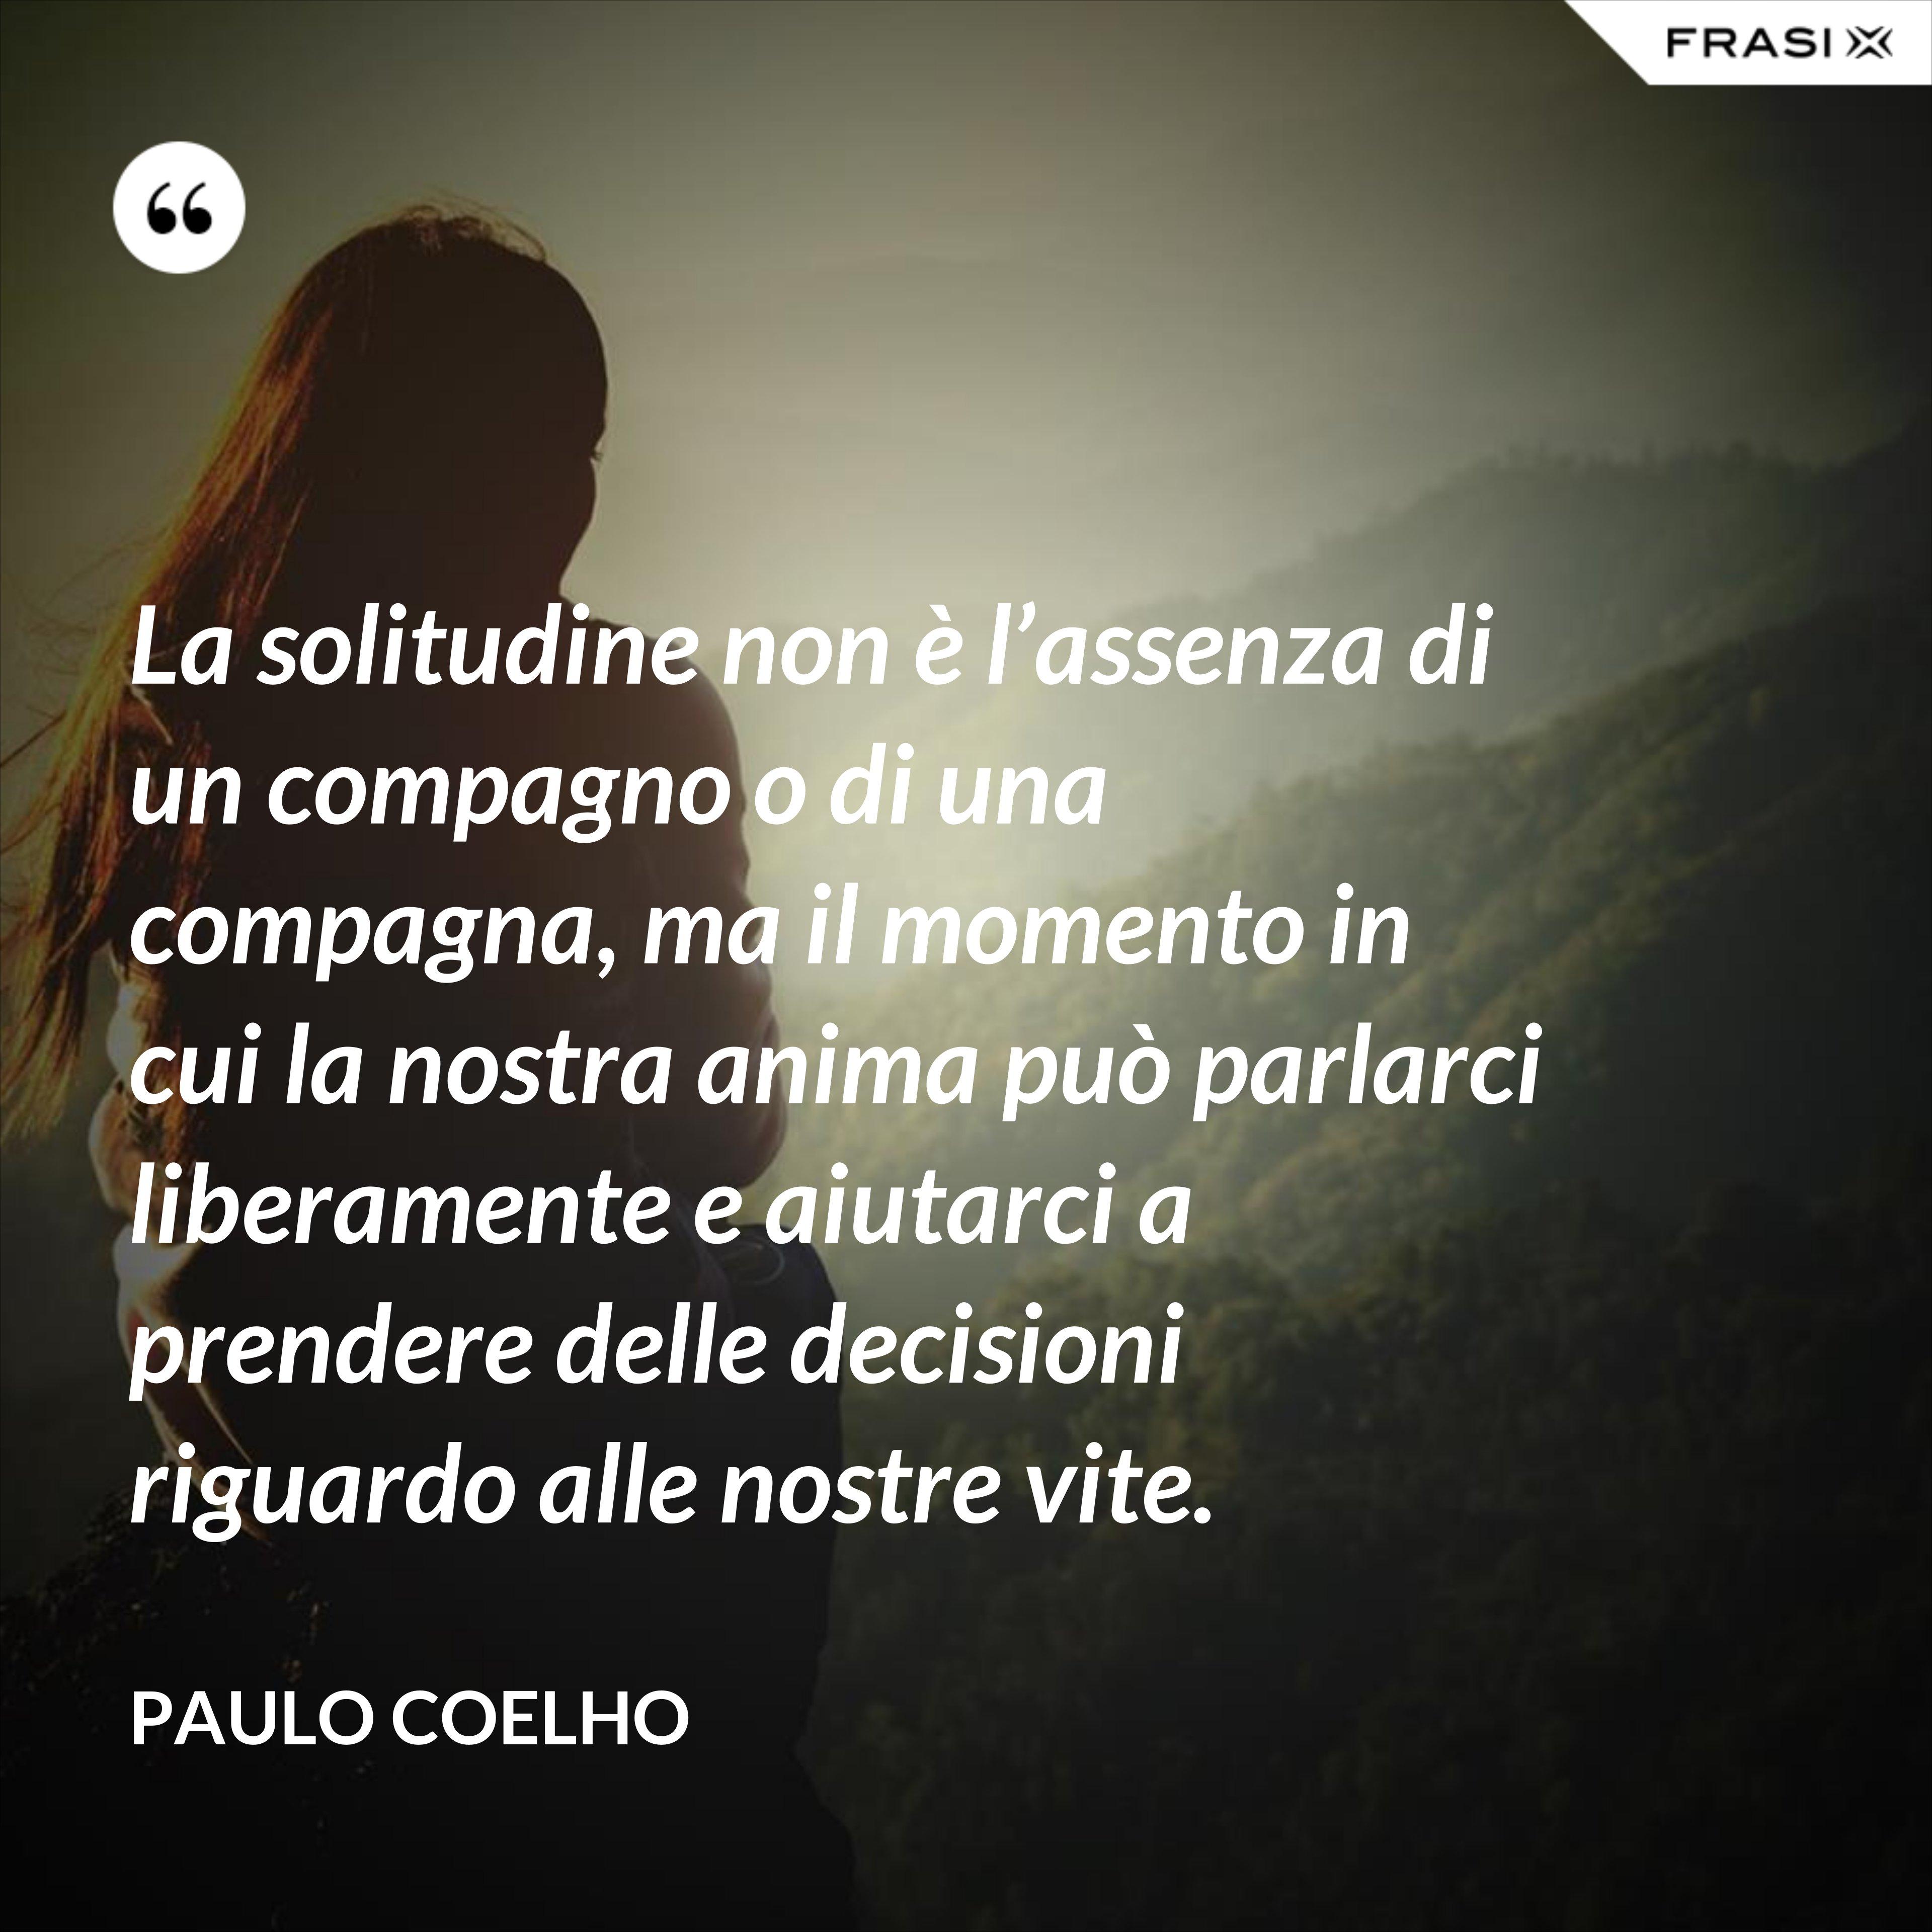 La solitudine non è l'assenza di un compagno o di una compagna, ma il momento in cui la nostra anima può parlarci liberamente e aiutarci a prendere delle decisioni riguardo alle nostre vite. - Paulo Coelho